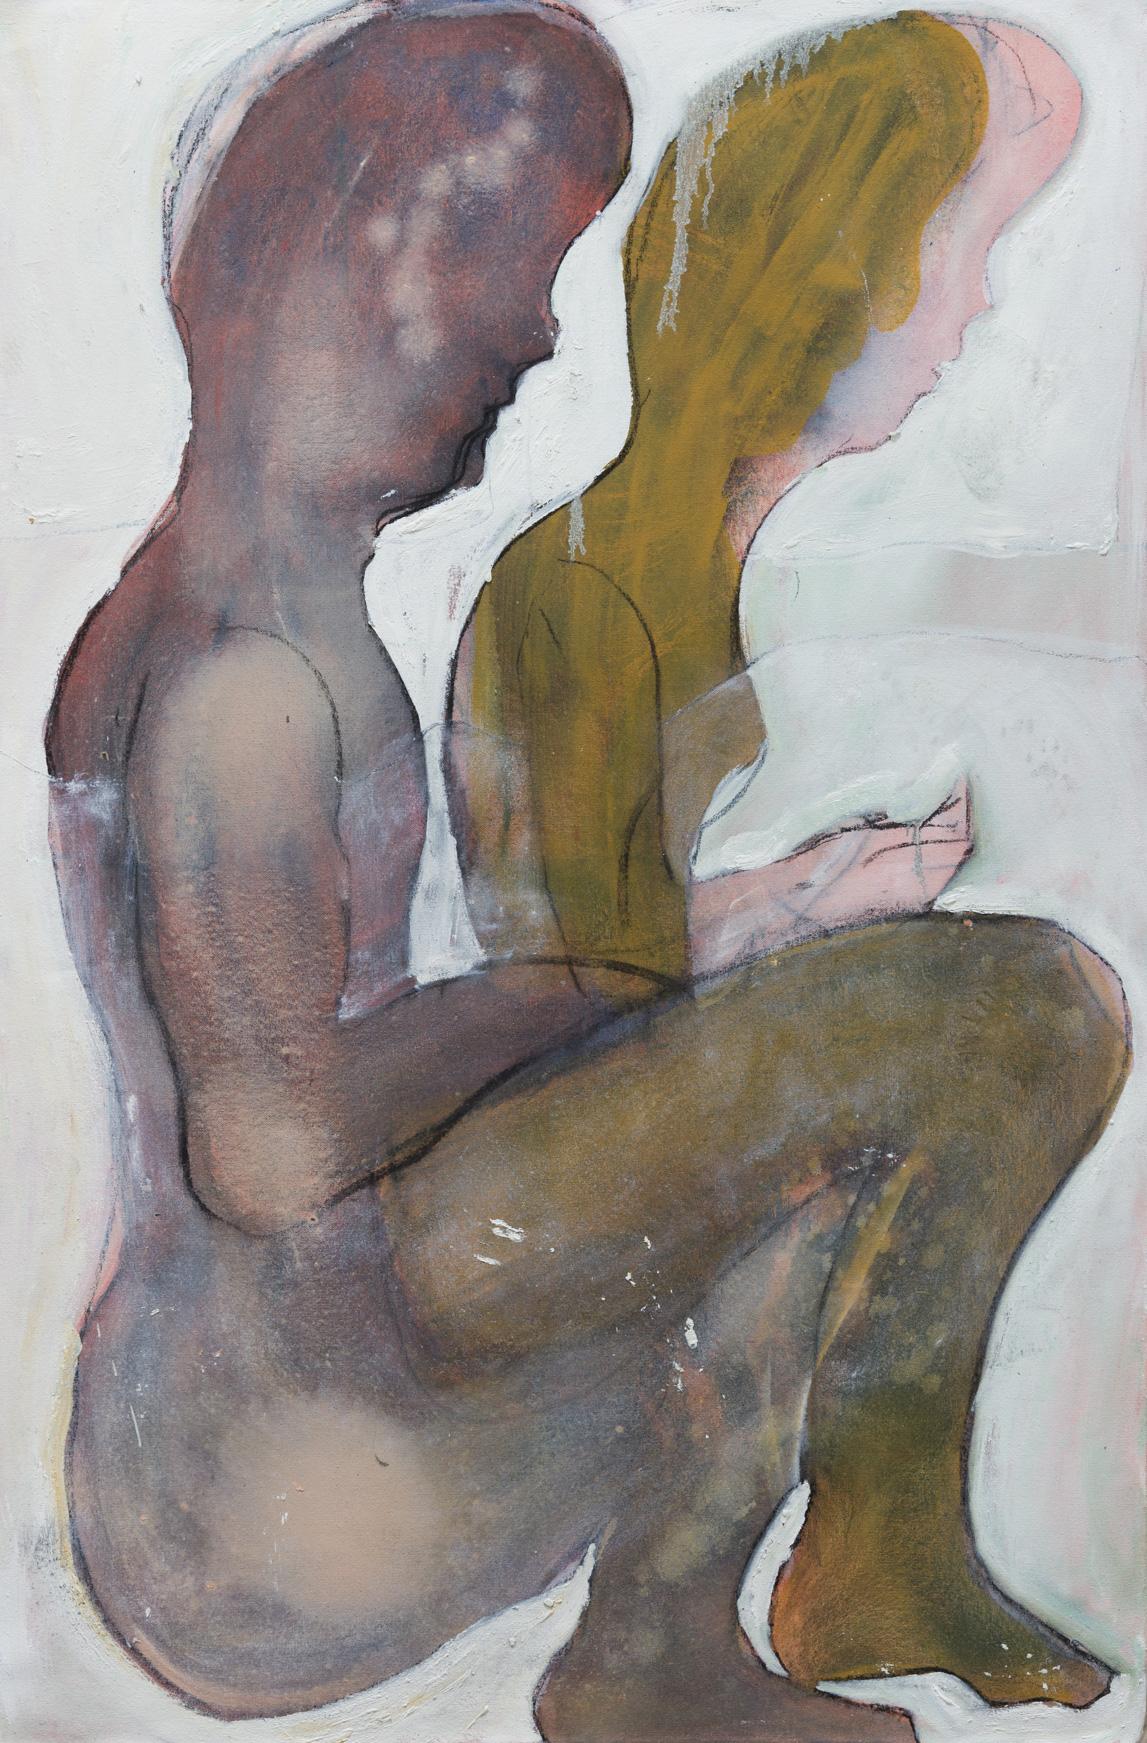 Nikoleta Martjanova, Spoon, 2017, Mike Din